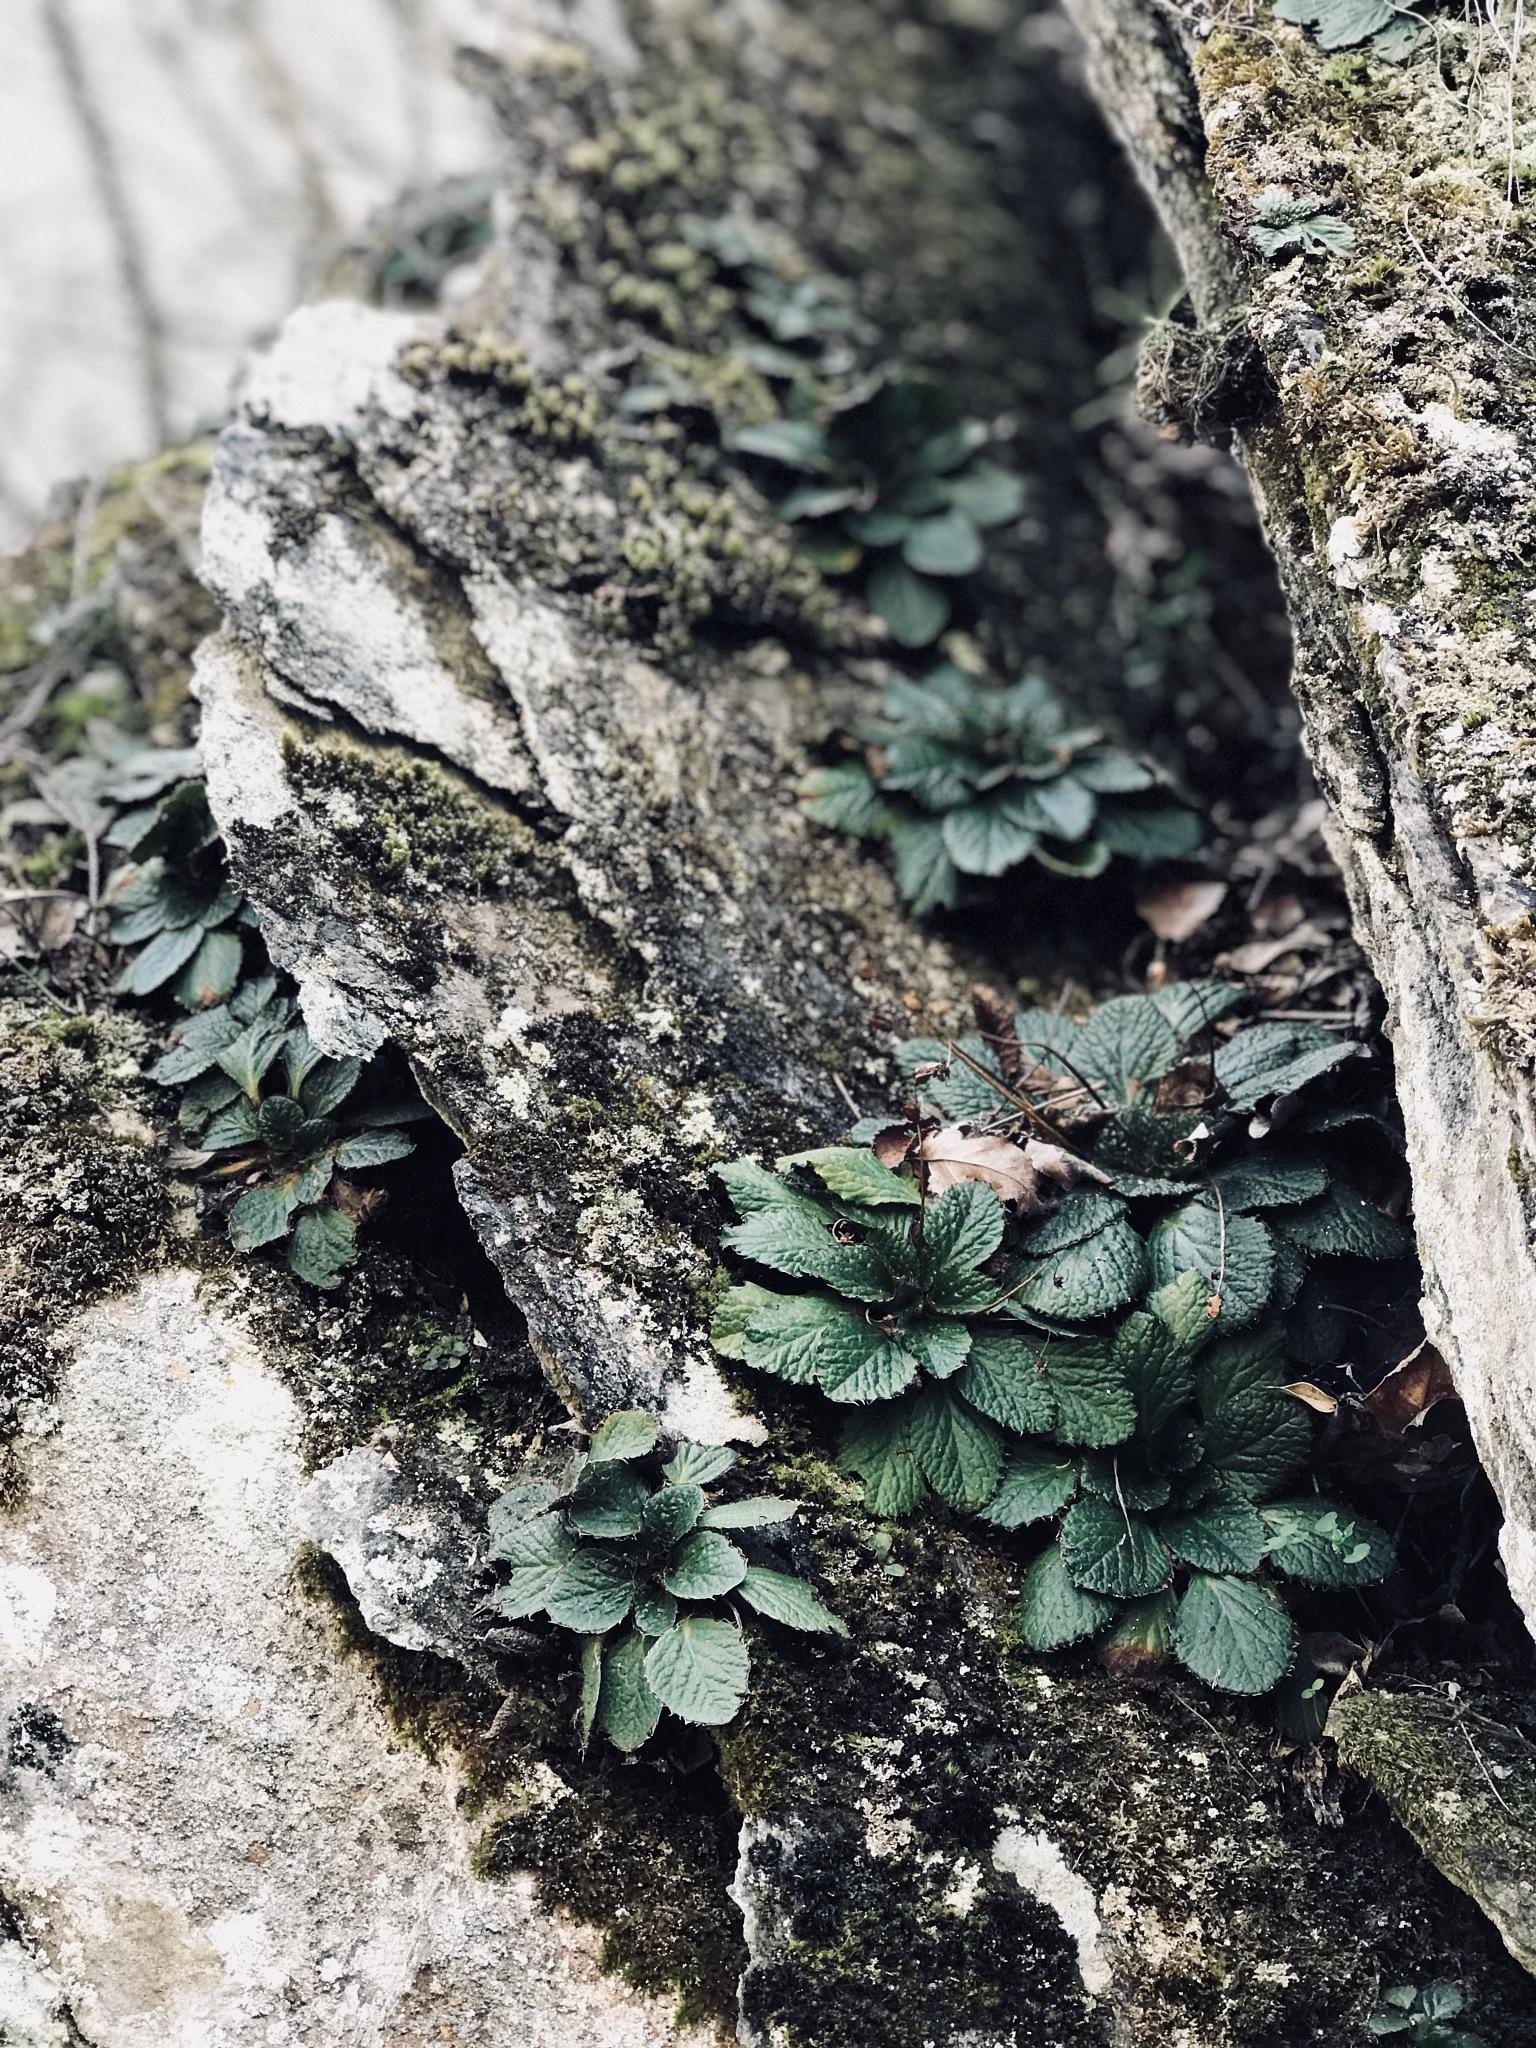 Plants in rock by Vladimir Bocevski